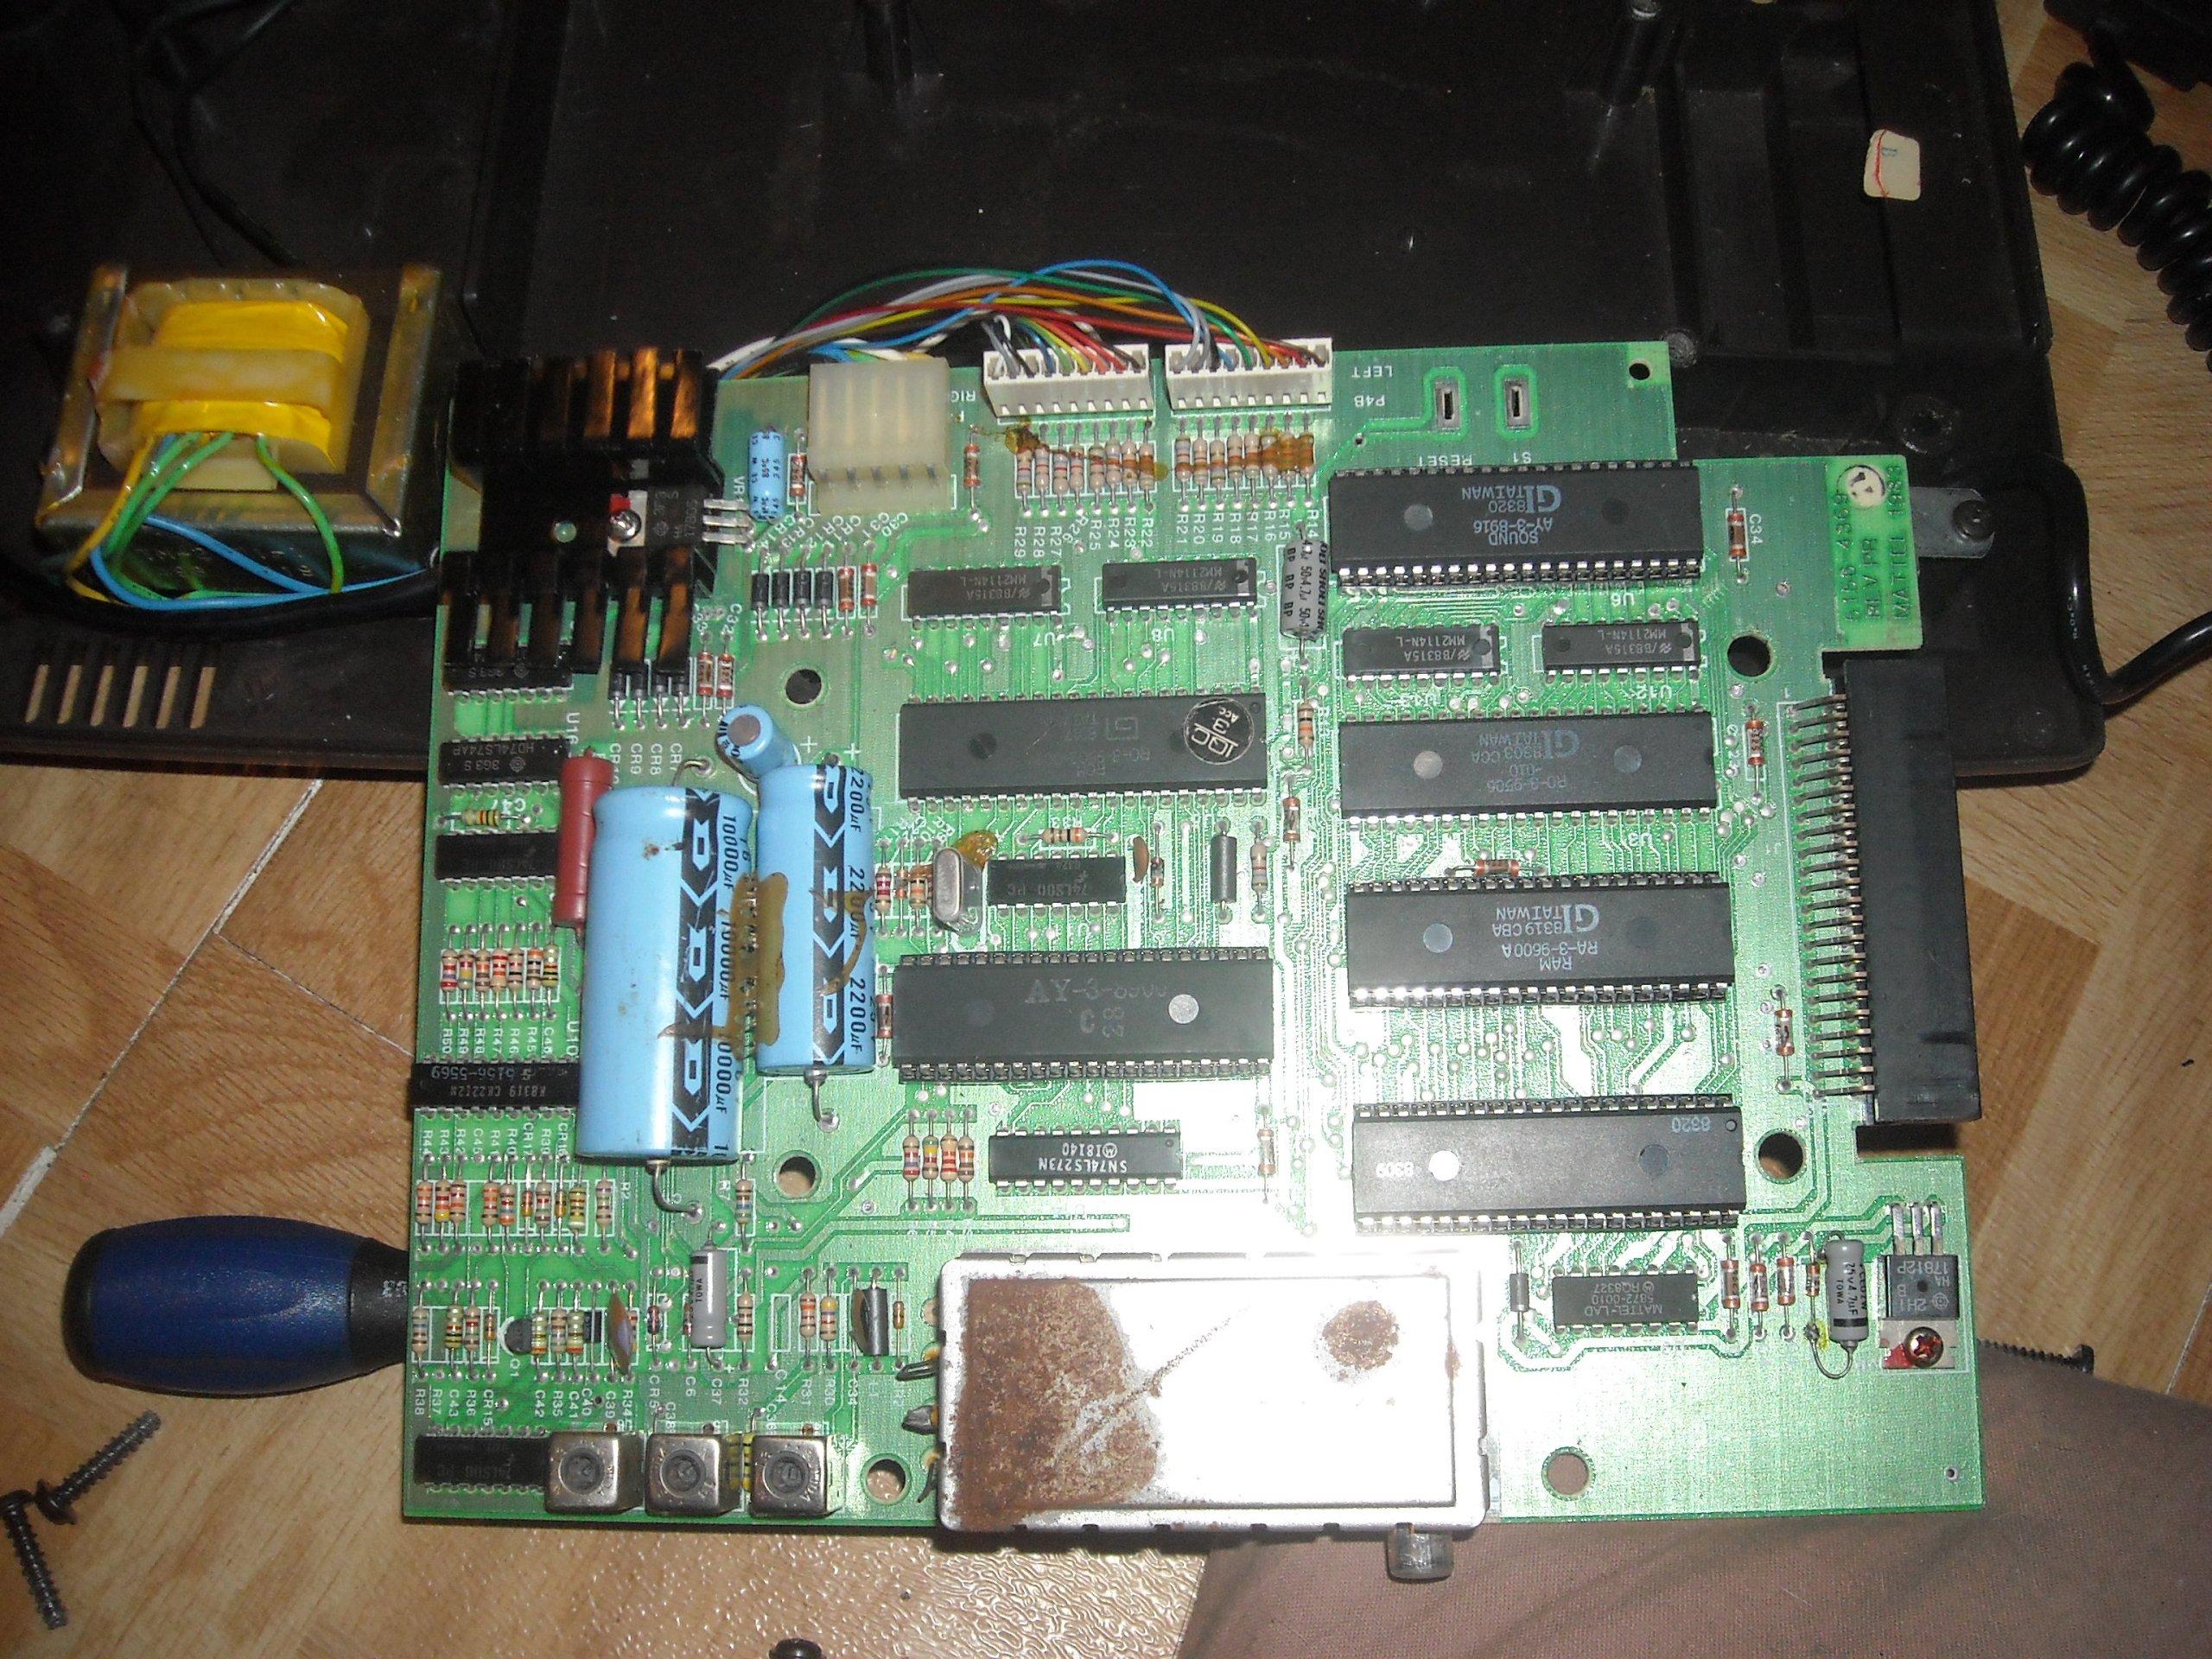 Les différentes Versions d'Intellivision Aca45b2d-5329-45f9-a344-43ab7740b5c7